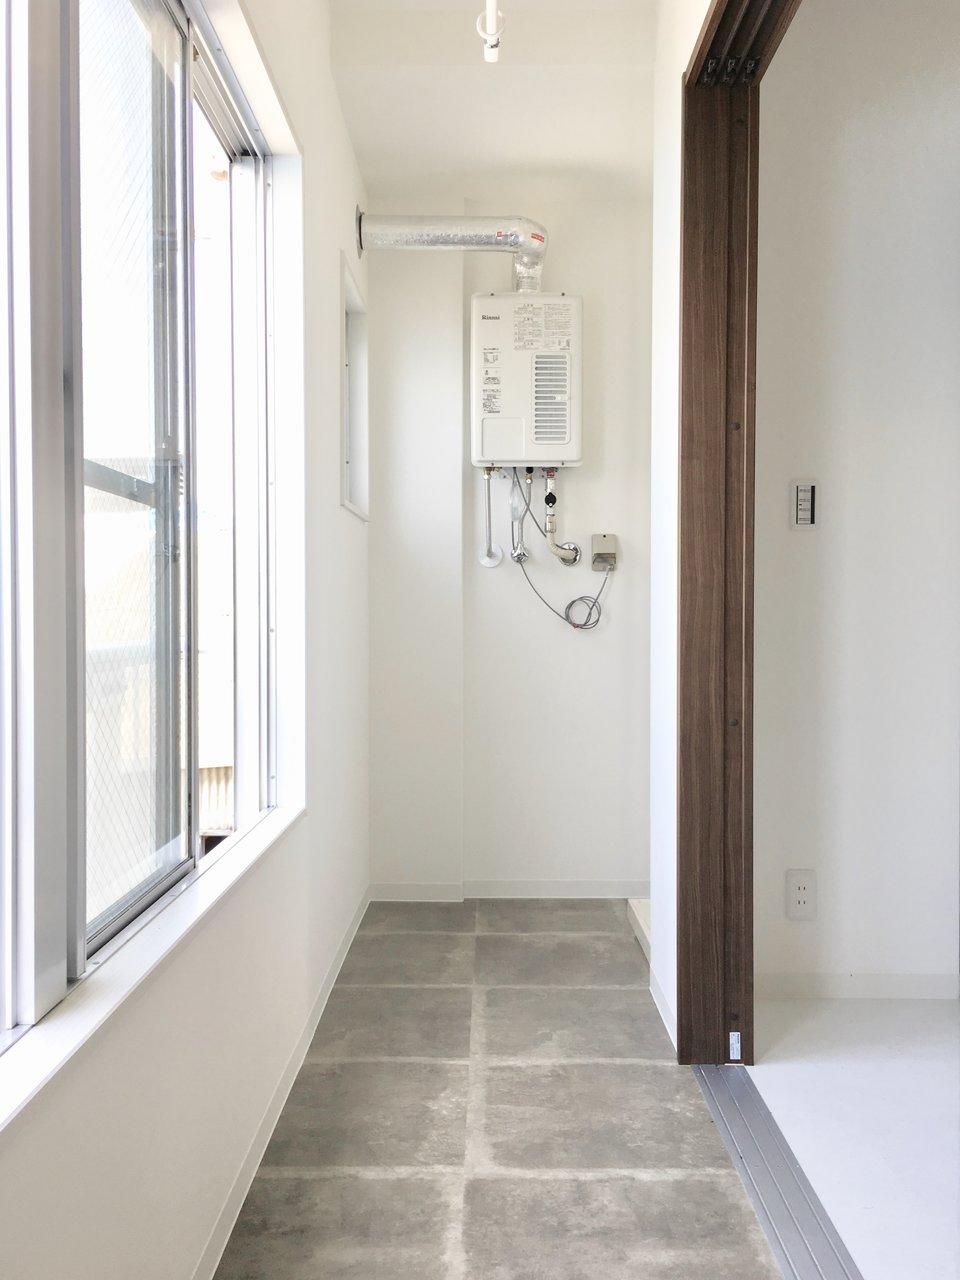 お部屋にはバルコニーがないのですが、インナーテラスがついています。日当たりも良いため、十分洗濯物は乾きそう。洗濯パンも同じ場所に設置されているので、洗濯が終わったらすぐ干せるのも便利です。